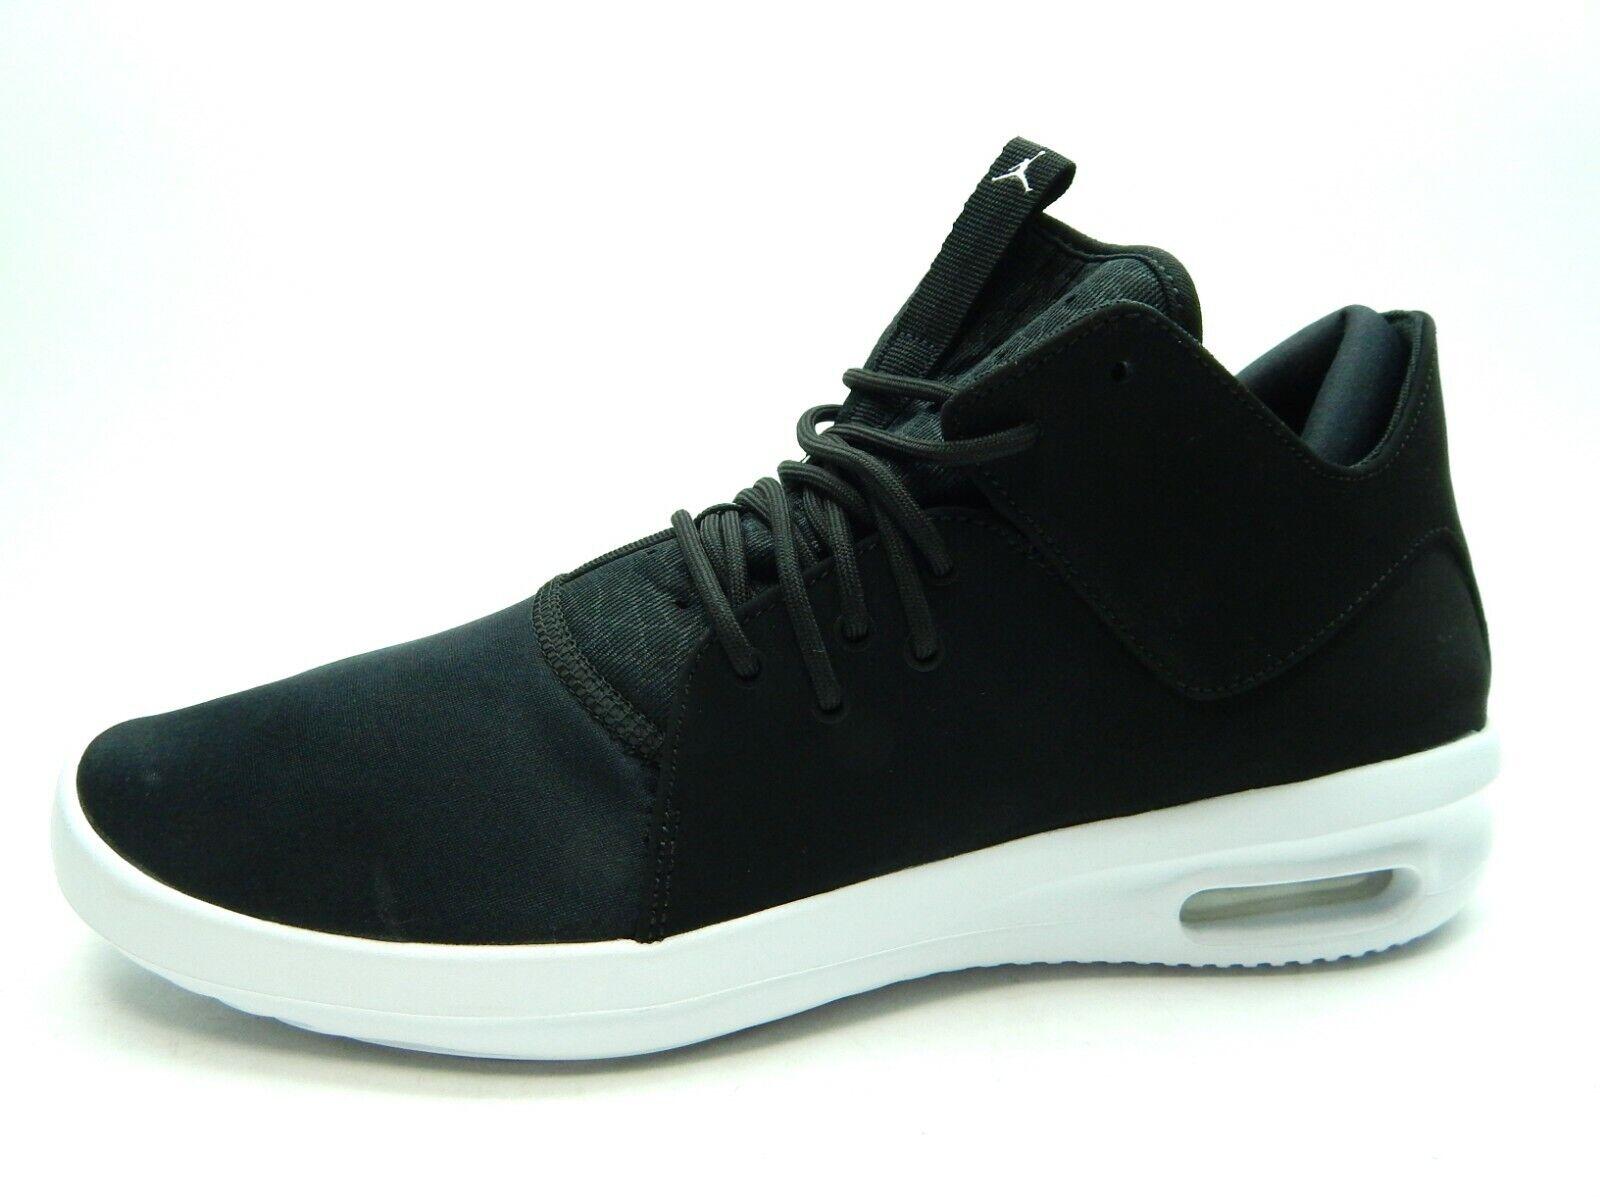 Jordan hombres zapatos talla de clase Air First 13.0 Negro blancoo AJ7312 010